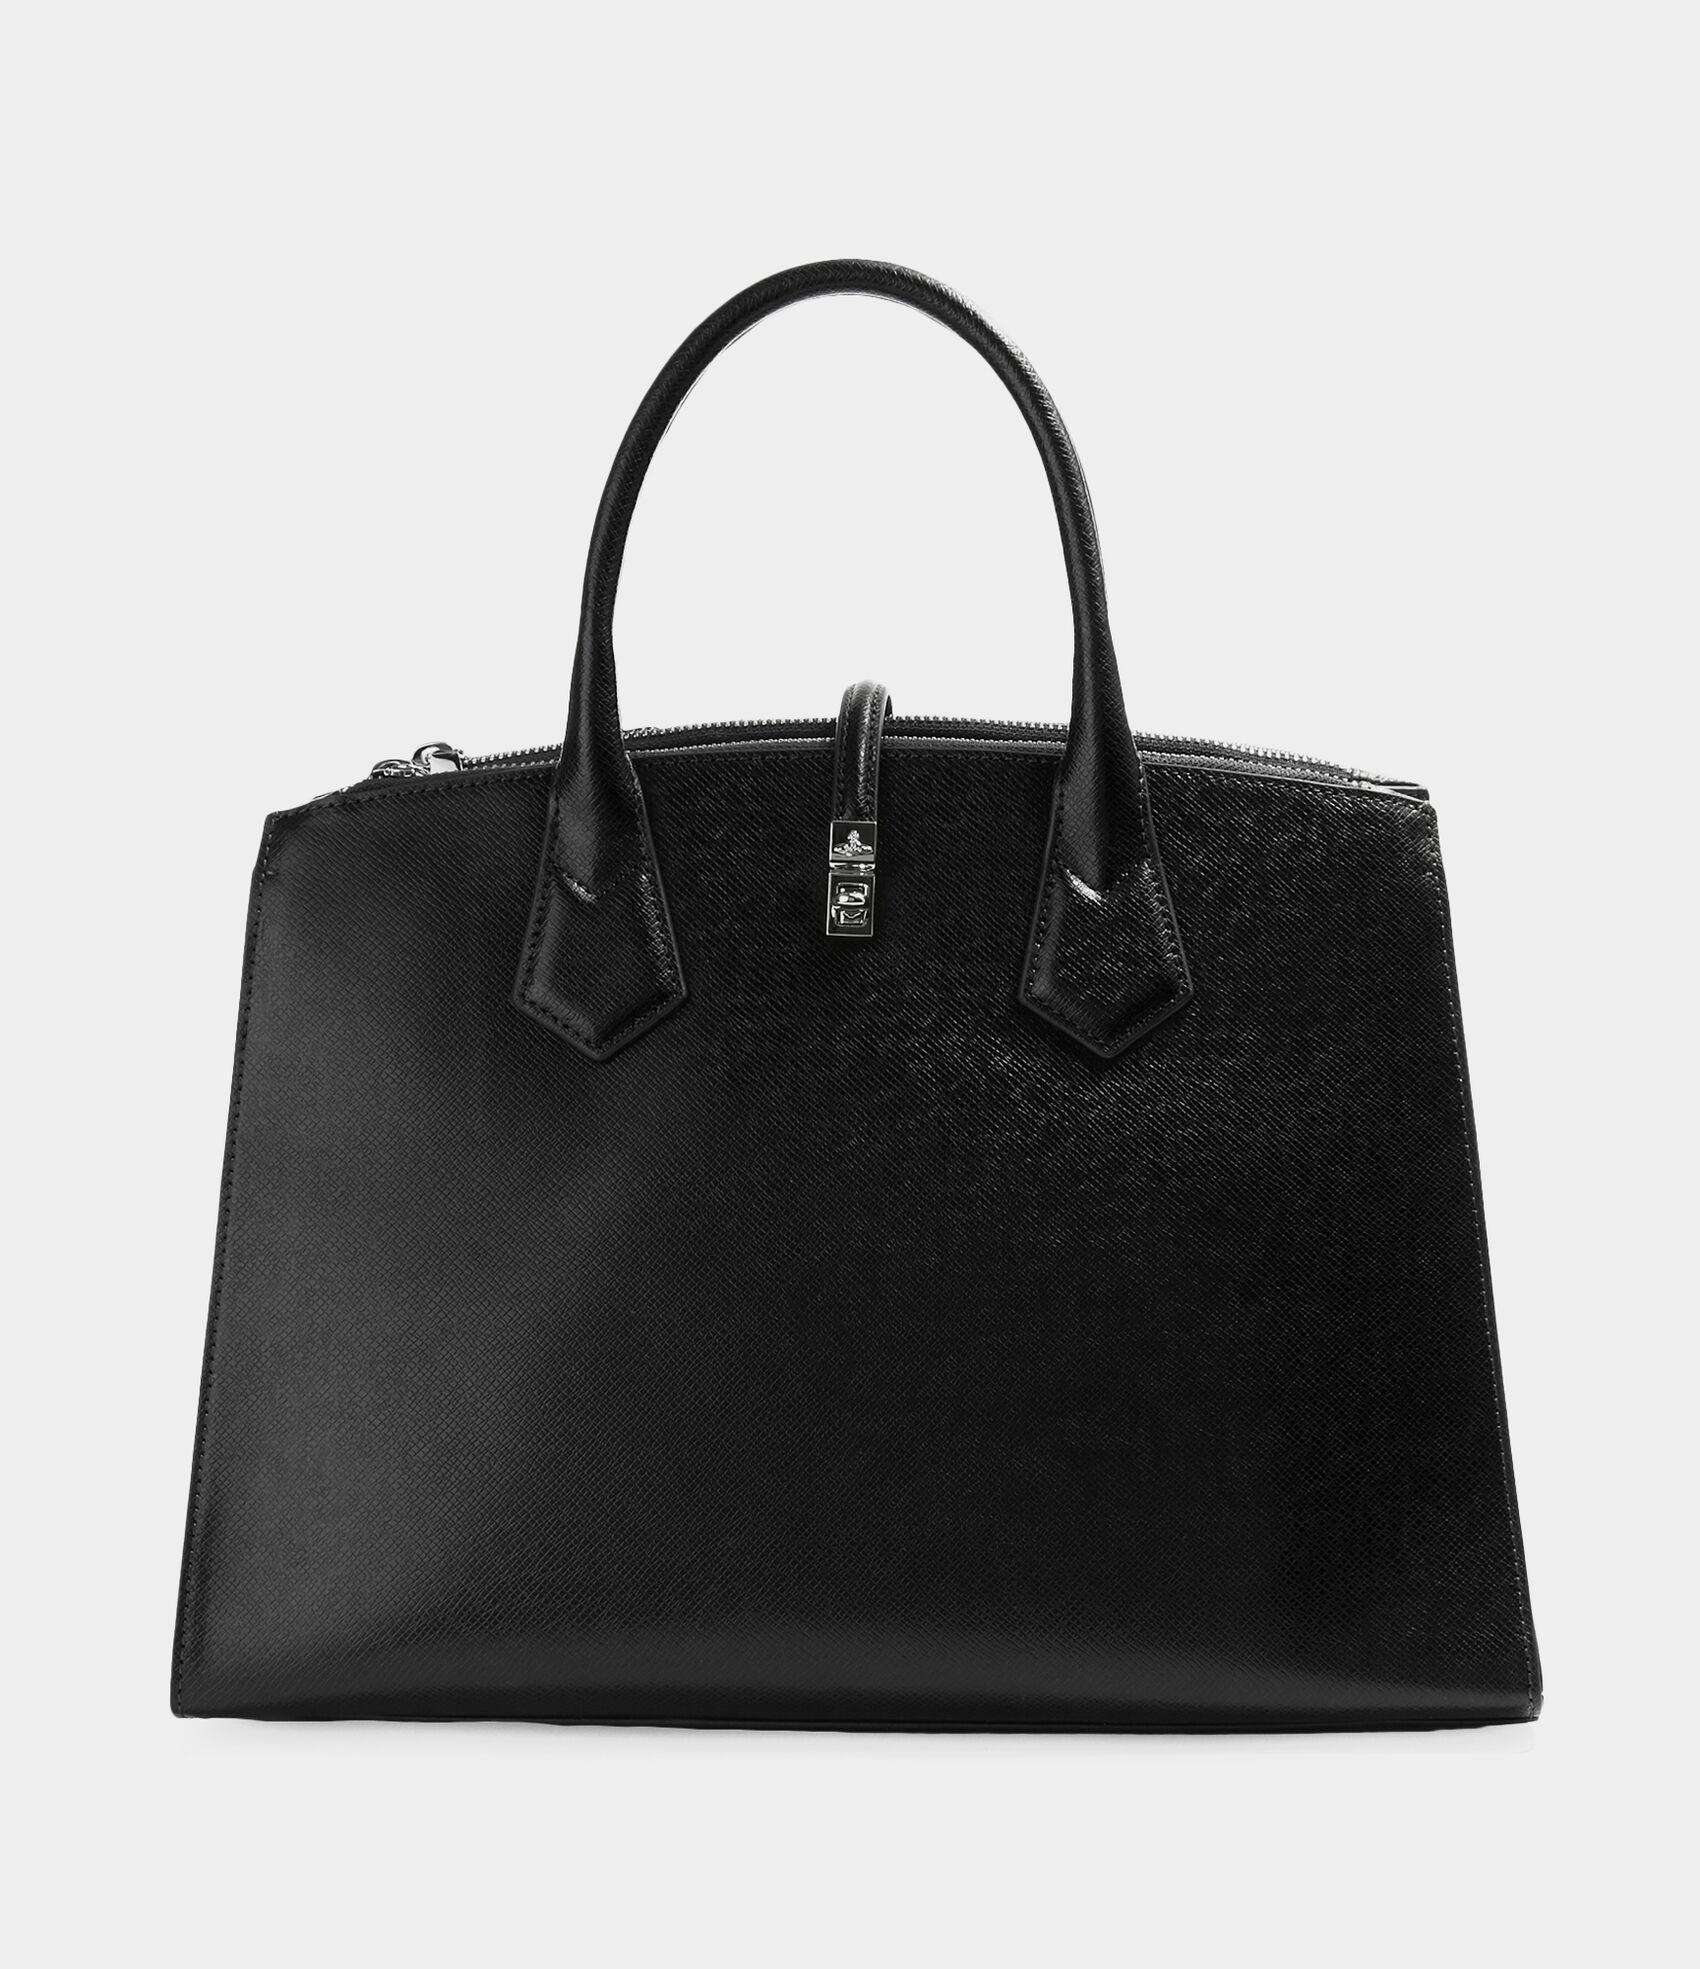 7aebac04be Vivienne Westwood Women s Designer Handbags